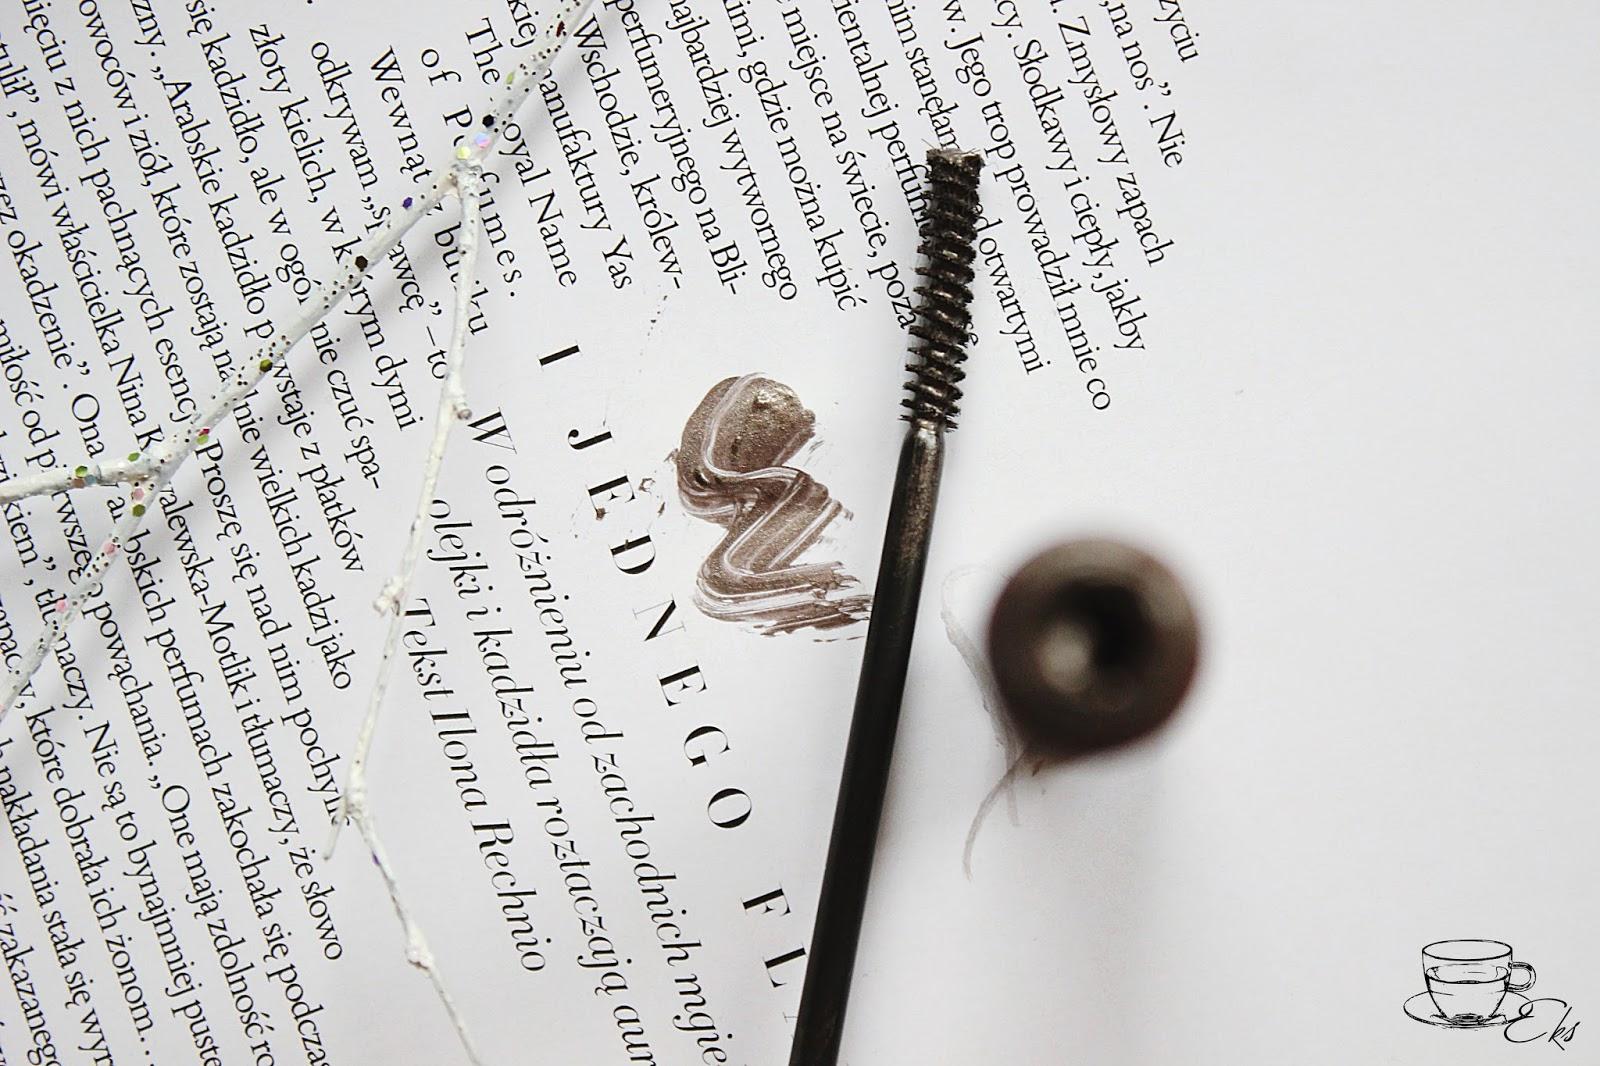 Żel stylizujący do brwi Wibo, róż Lovely, eyeliner Wibo